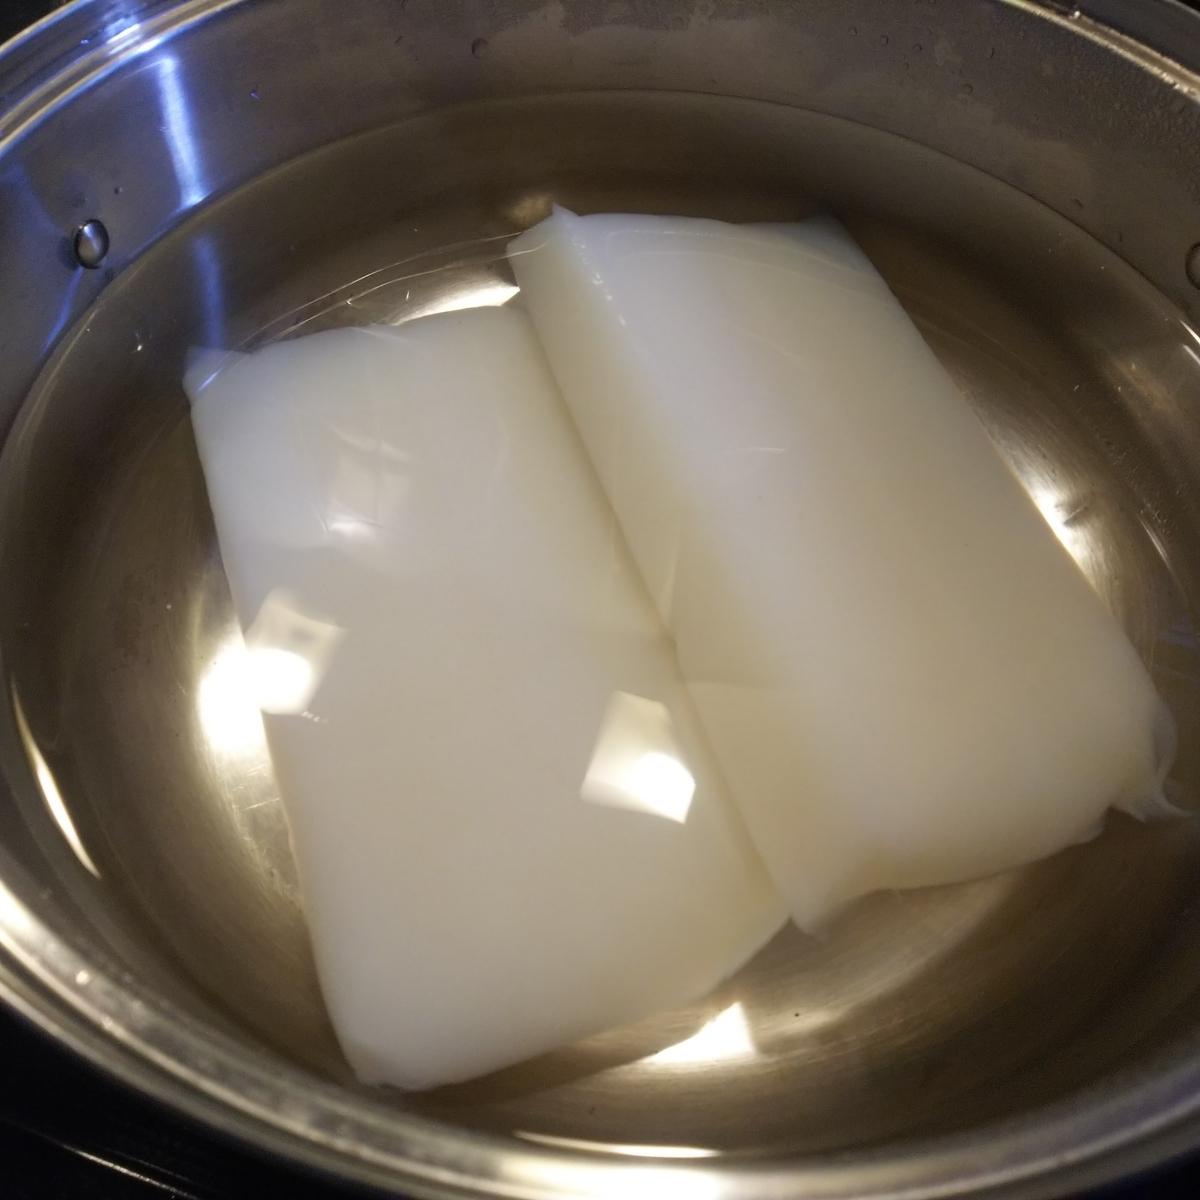 f:id:yukaleaf-aroma:20200320165235j:plain